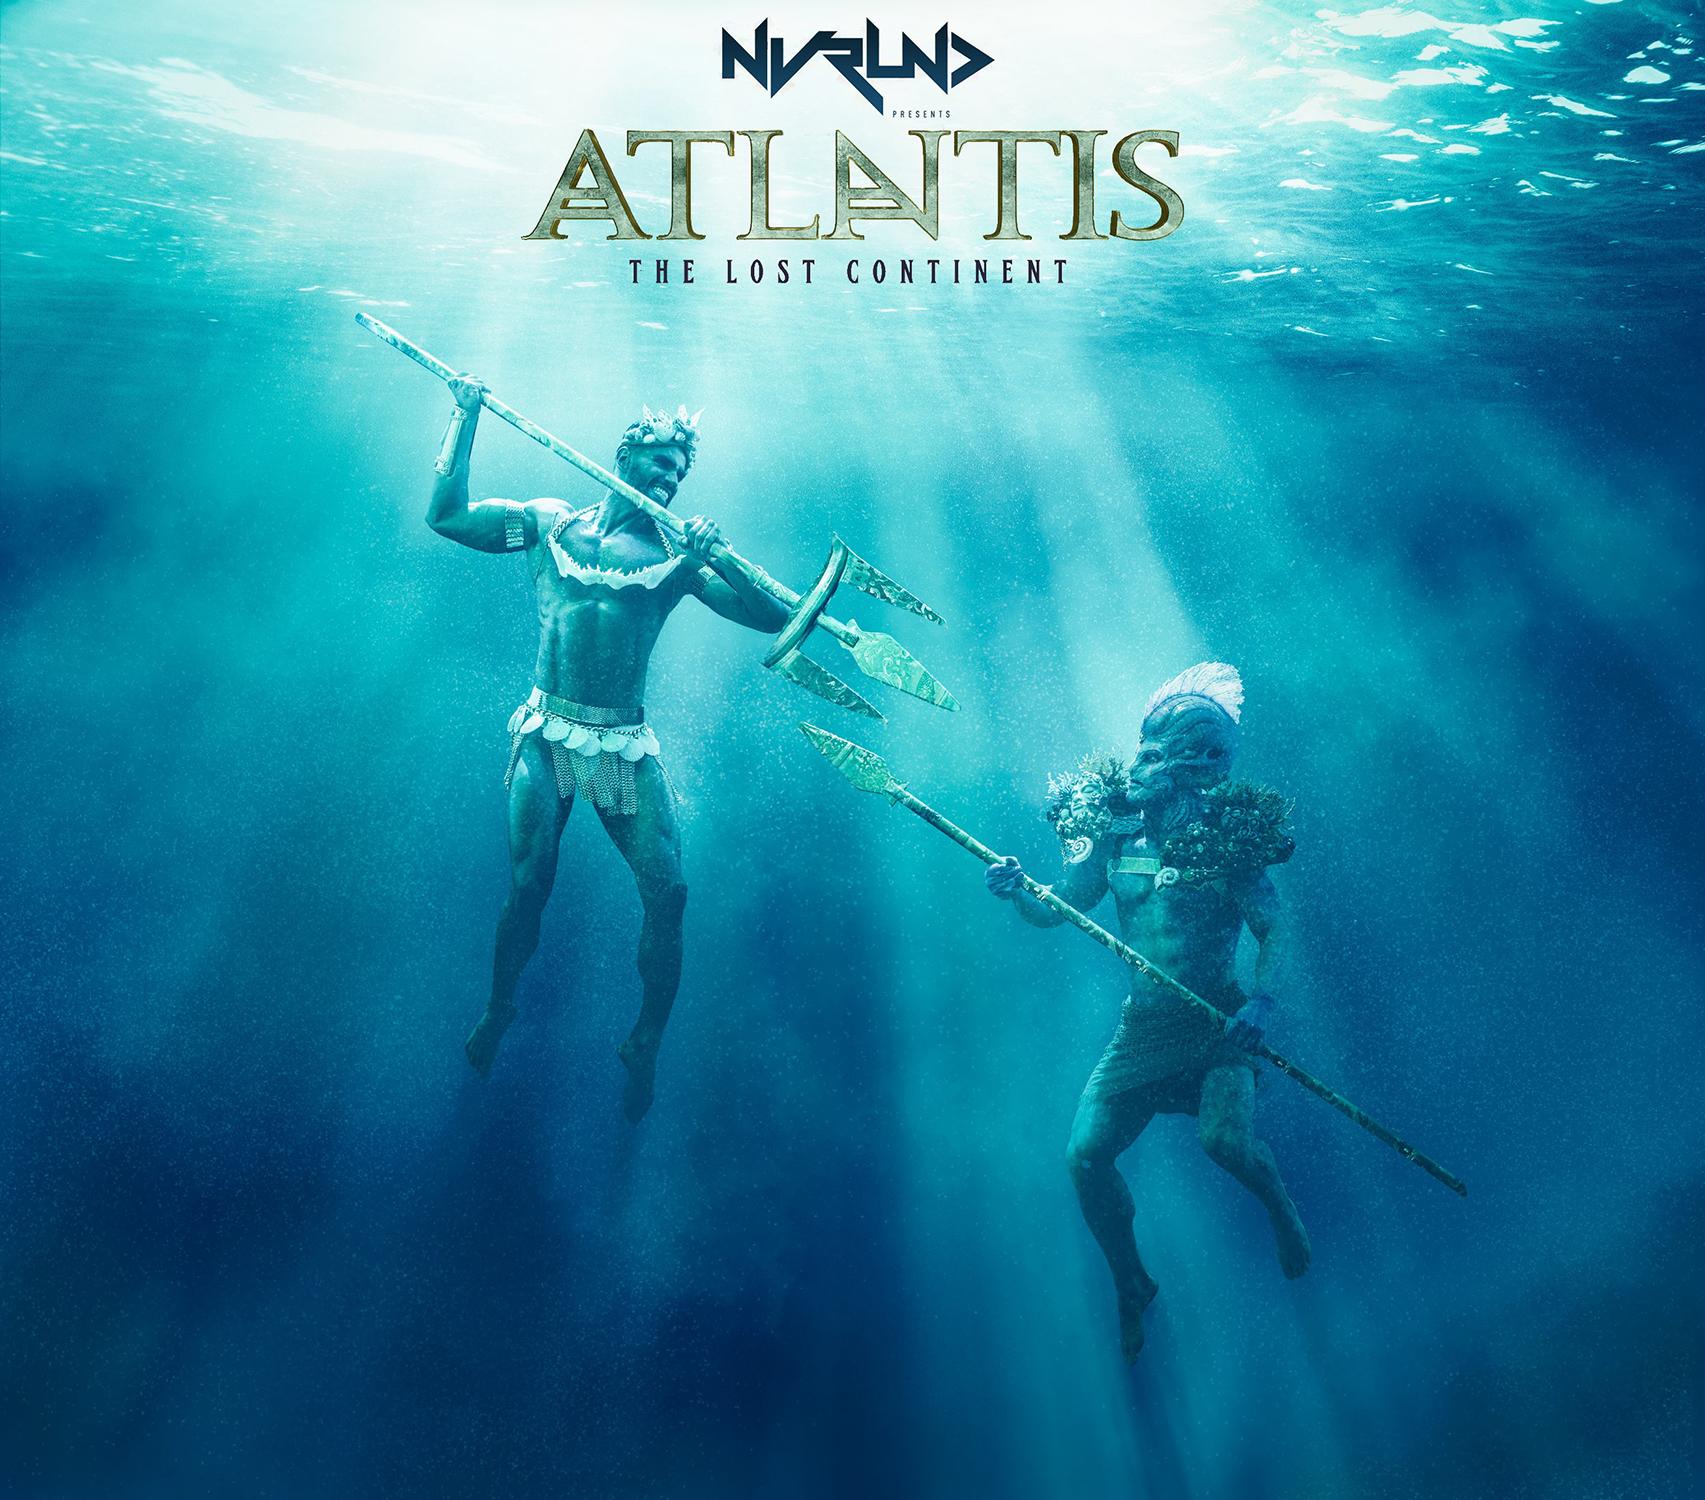 Neverland-Atlantis-2.jpg